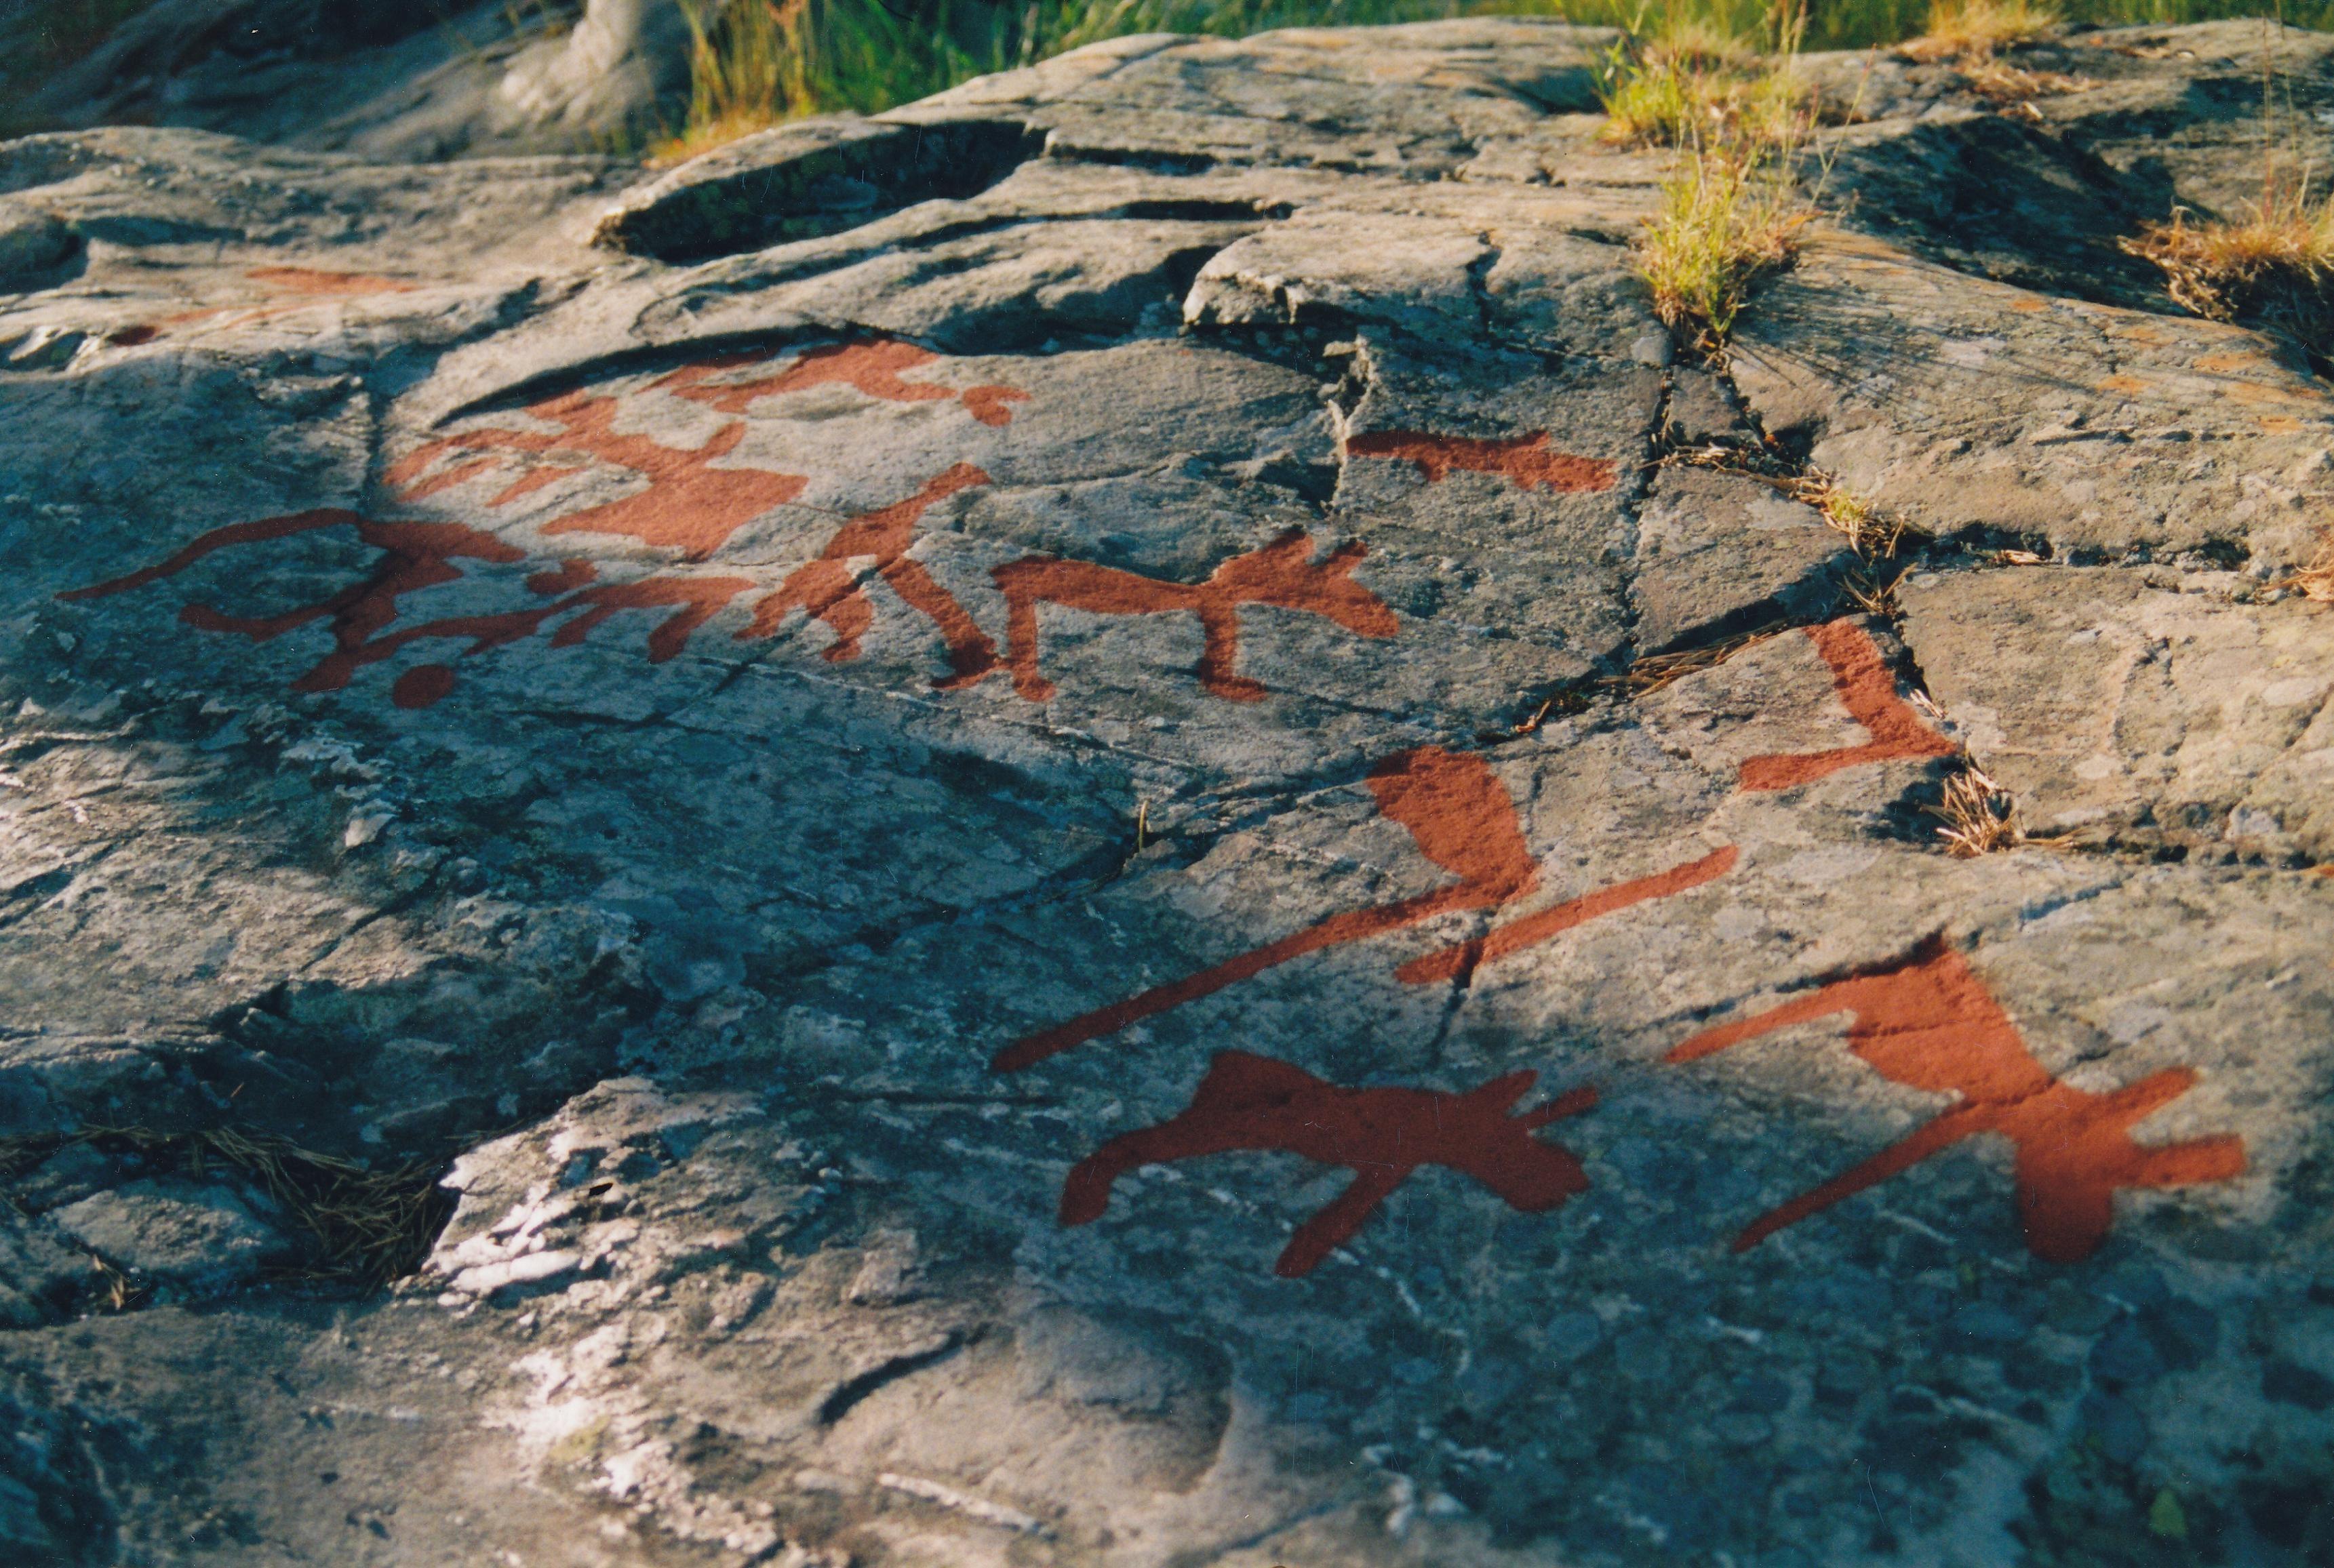 Petroglyphs at Nämforsen